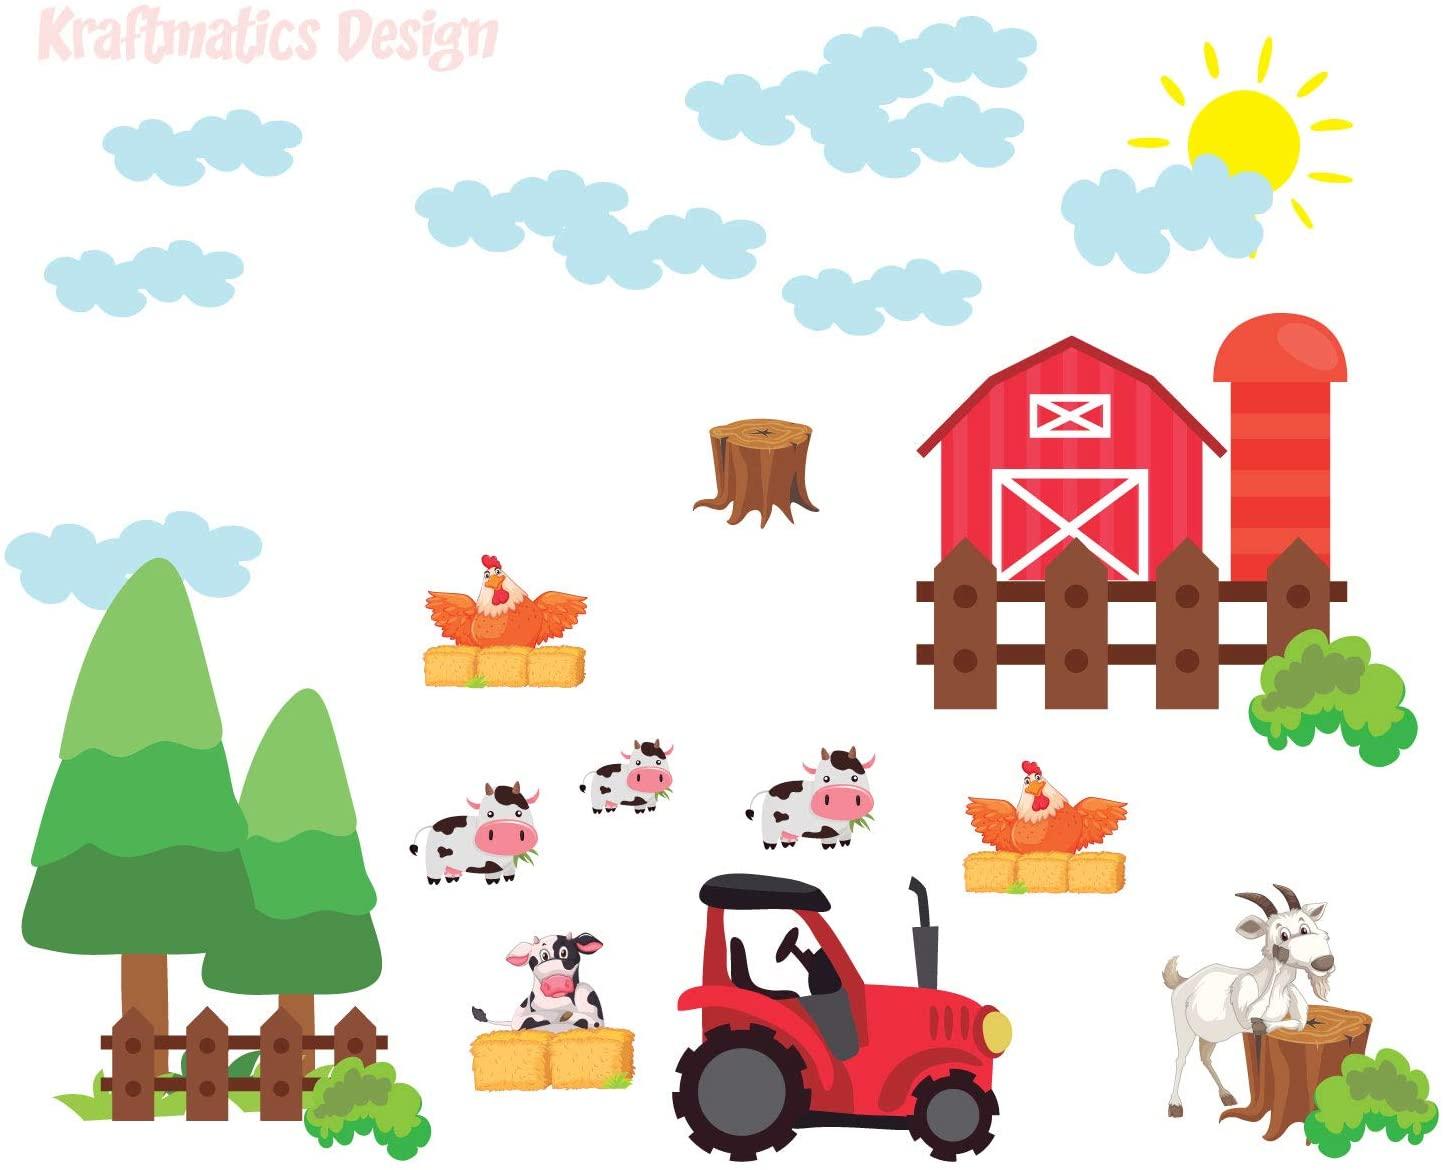 Big Farm Barn & Animals Nursery Baby Boy Wall Decal Vinyl Sticker for Kids Home Décor by Kraftmatics Design (Small W 50 x H 40)